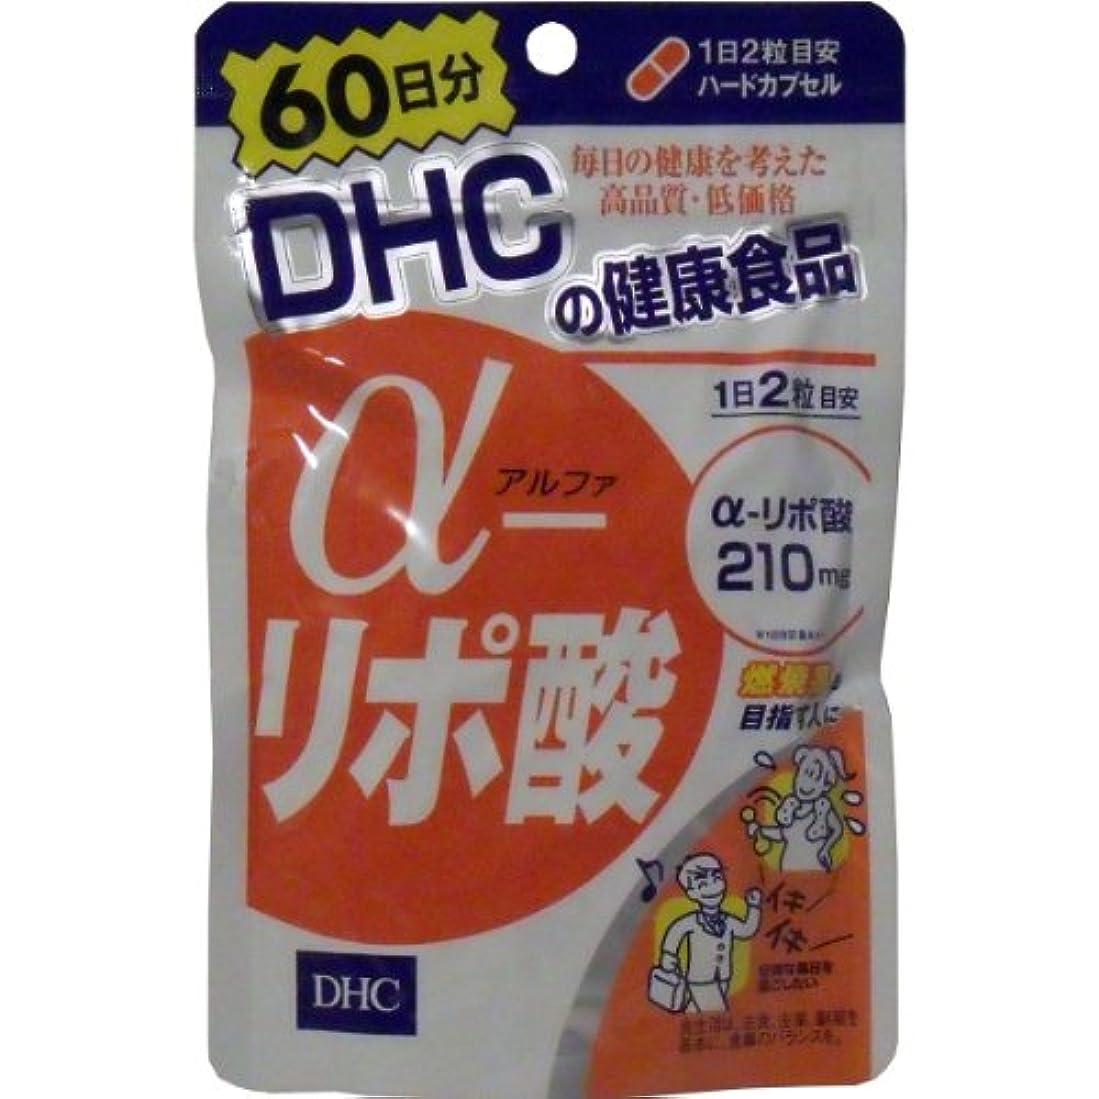 夫契約するランクα-リポ酸は、もともと体内にあるエネルギー活性成分。サプリメントでの効率的な補給がおすすめ!DHC120粒 60日分 【2個セット】